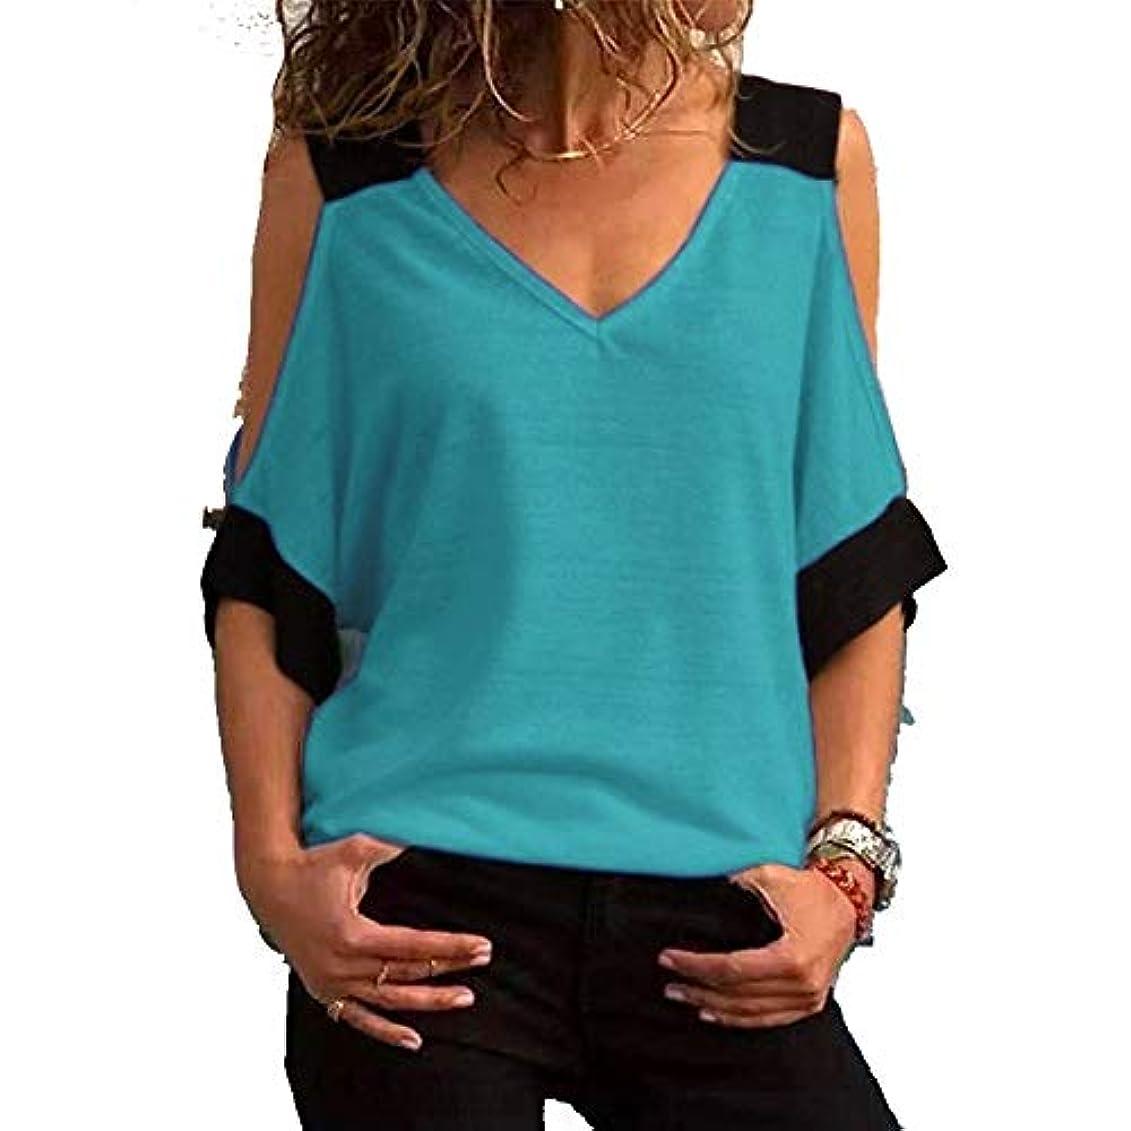 パッケージ温度計に変わるMIFAN女性ファッションカジュアルトップス女性ショルダーブラウスコットンTシャツディープVネック半袖